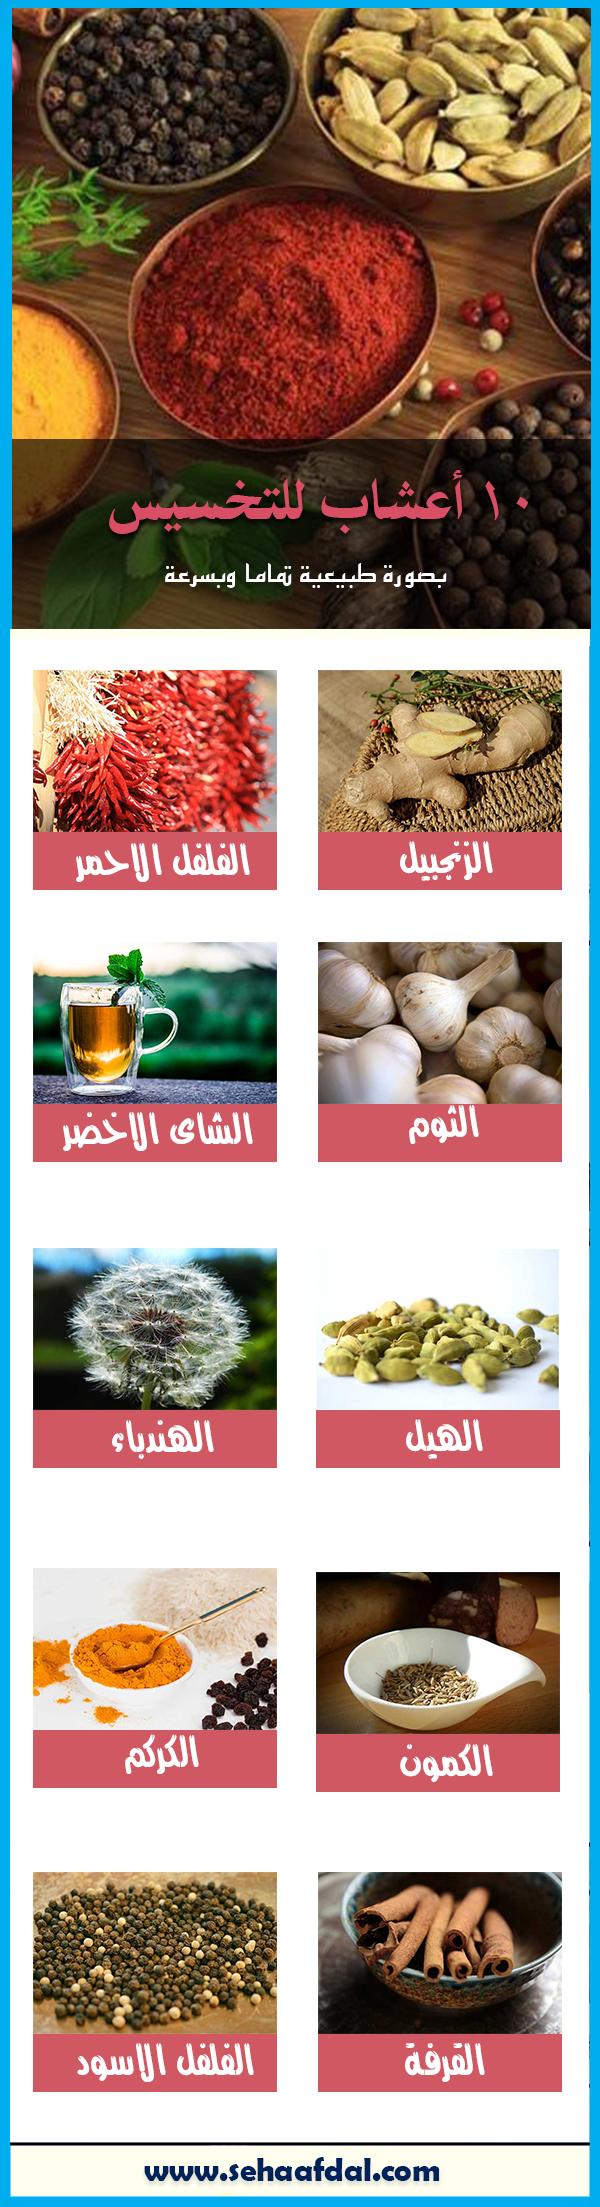 10 أعشاب للتخسيس لتنحيف الجسم وحرق الدهون بشكل طبيعي وفعال Health